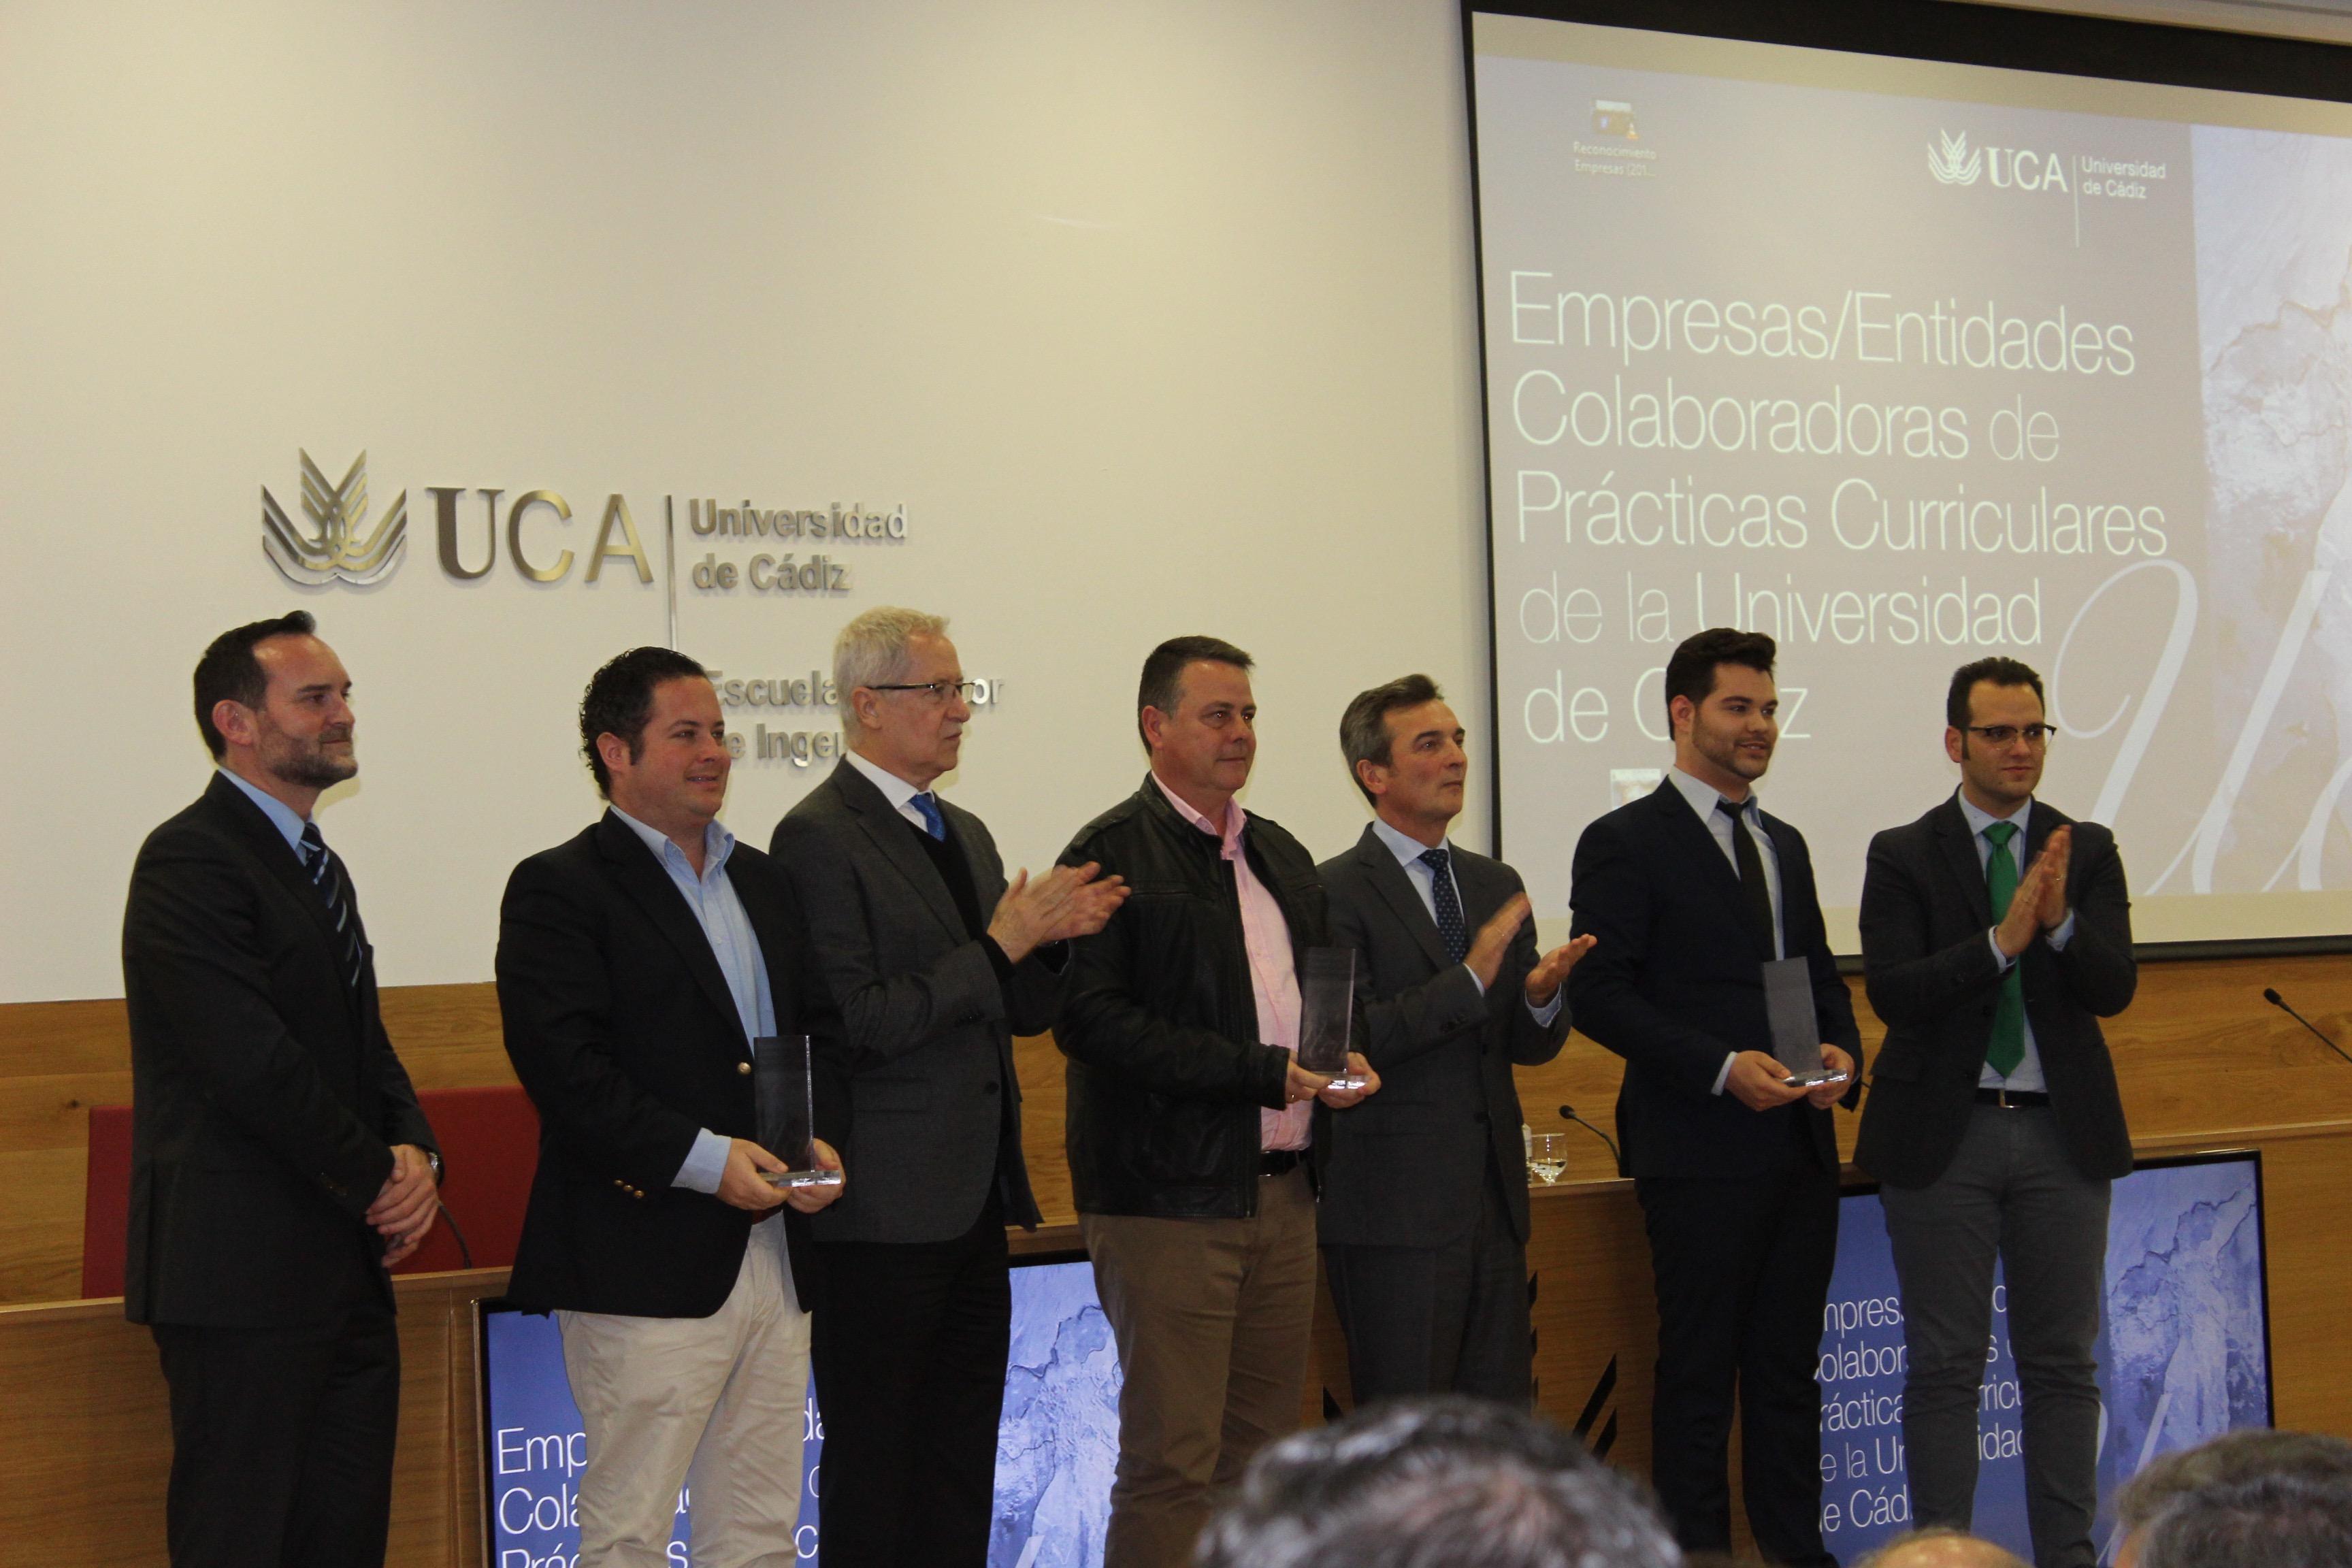 La Universidad De Cádiz Entrega A LAM Publicidad Un Reconocimiento De Empresa Colaboradora-Distinguida De La UCA.